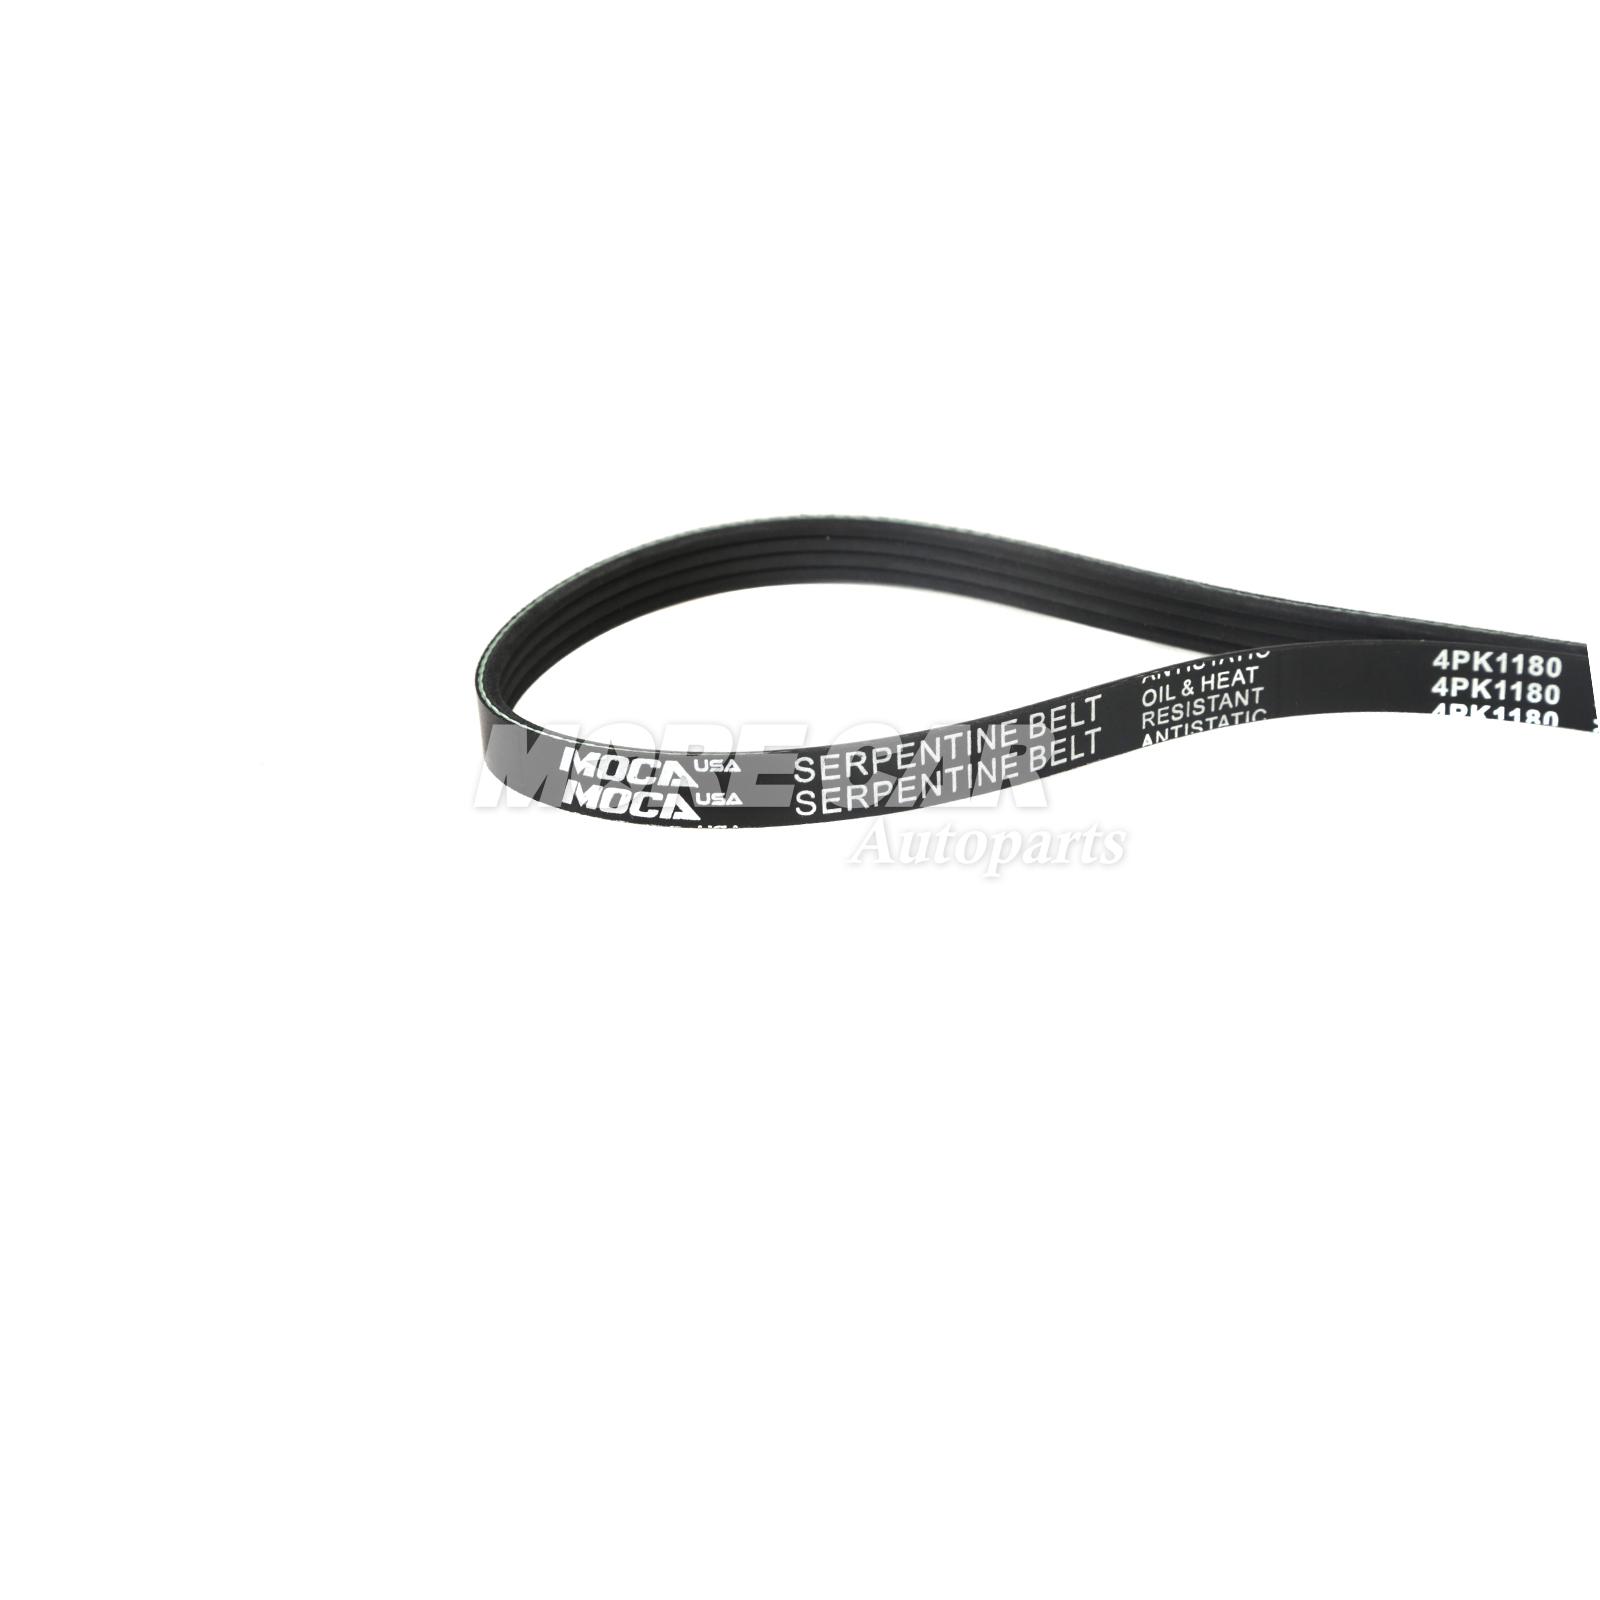 CRP INDUSTRIES 4PK1180 Replacement Belt